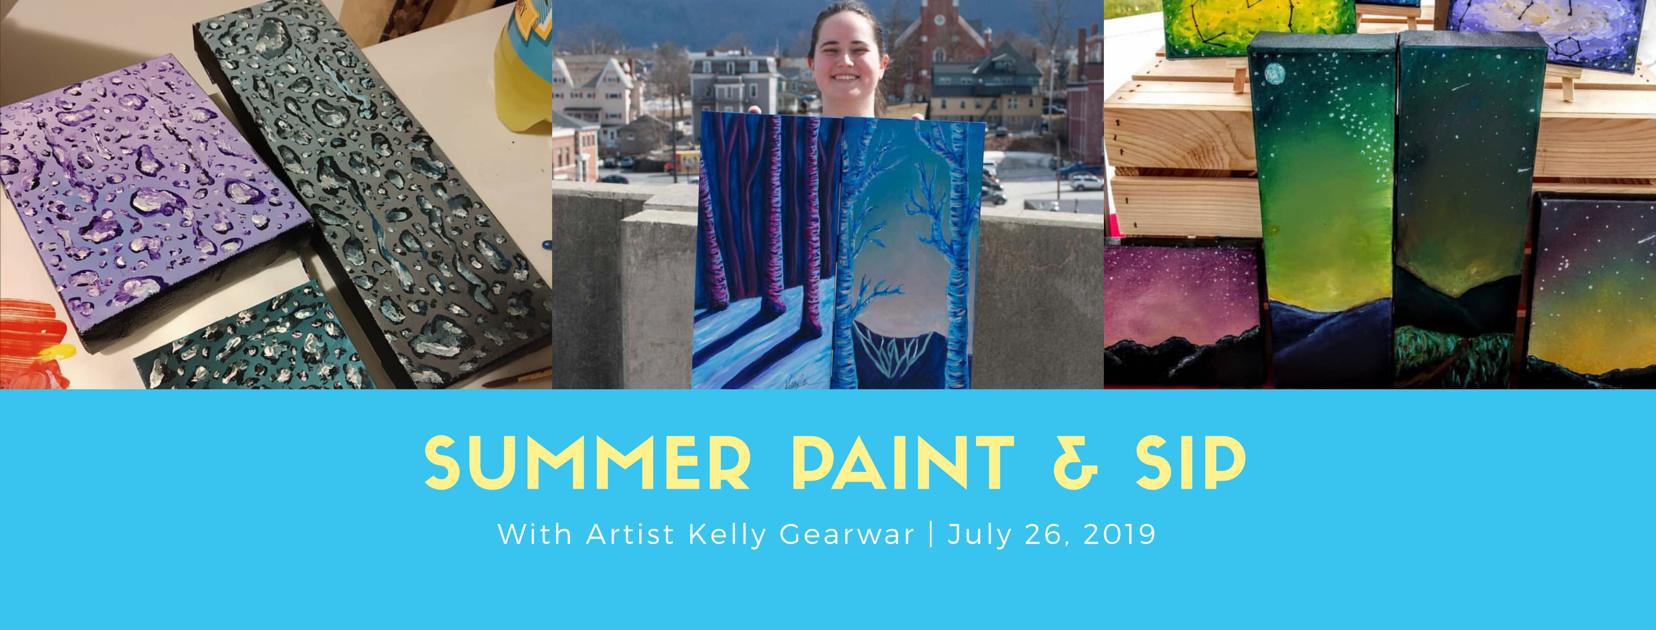 Summer paint sip